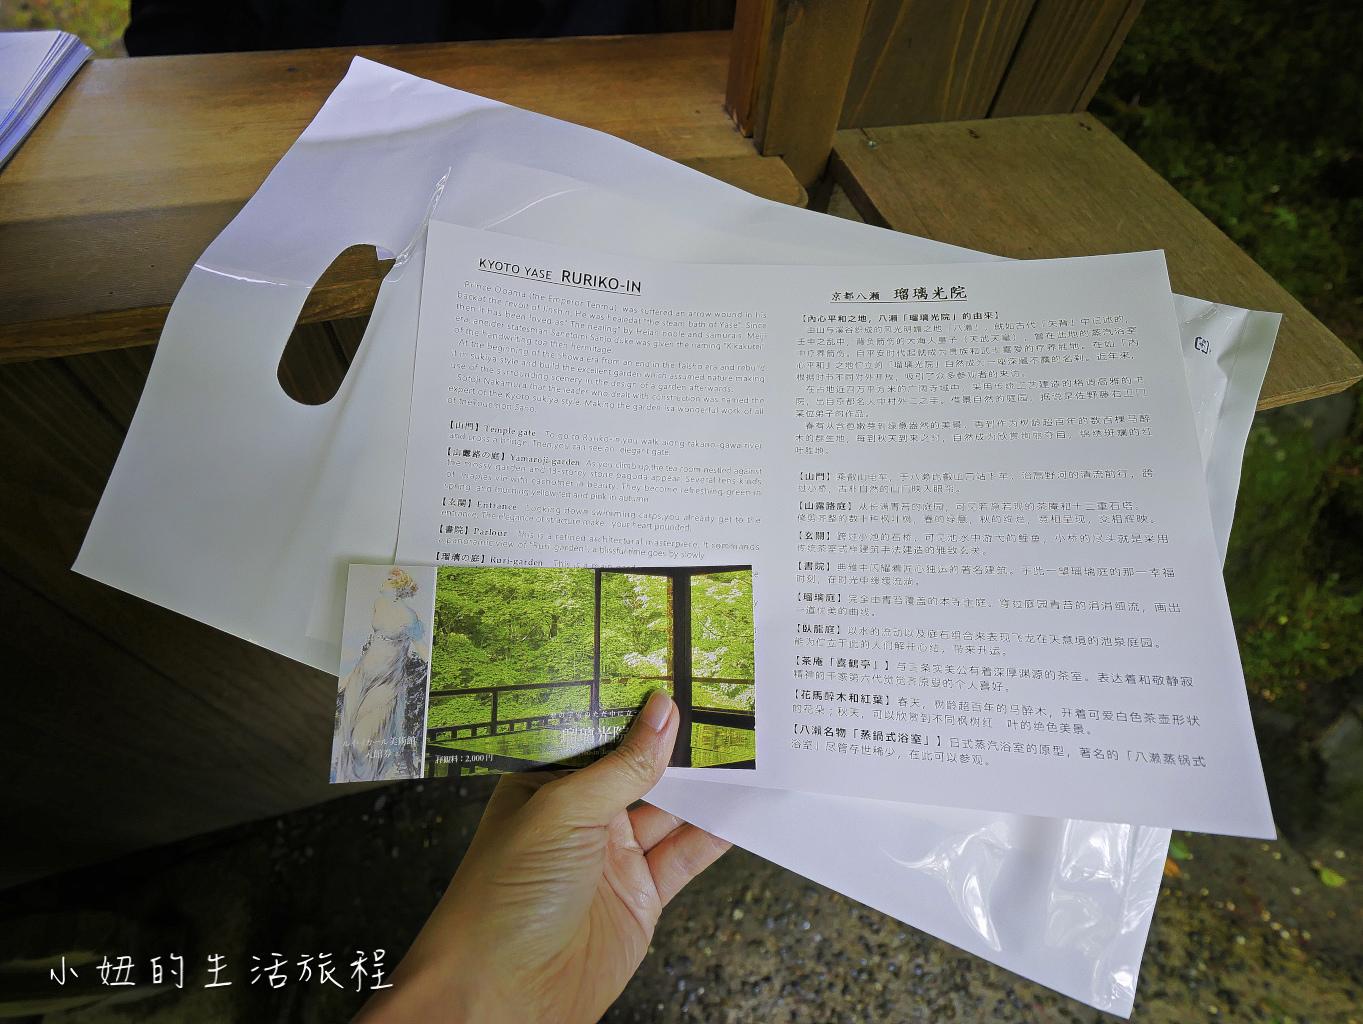 京都、大阪觀光乘車券(鞍馬&貴船地區擴大版)-42.jpg